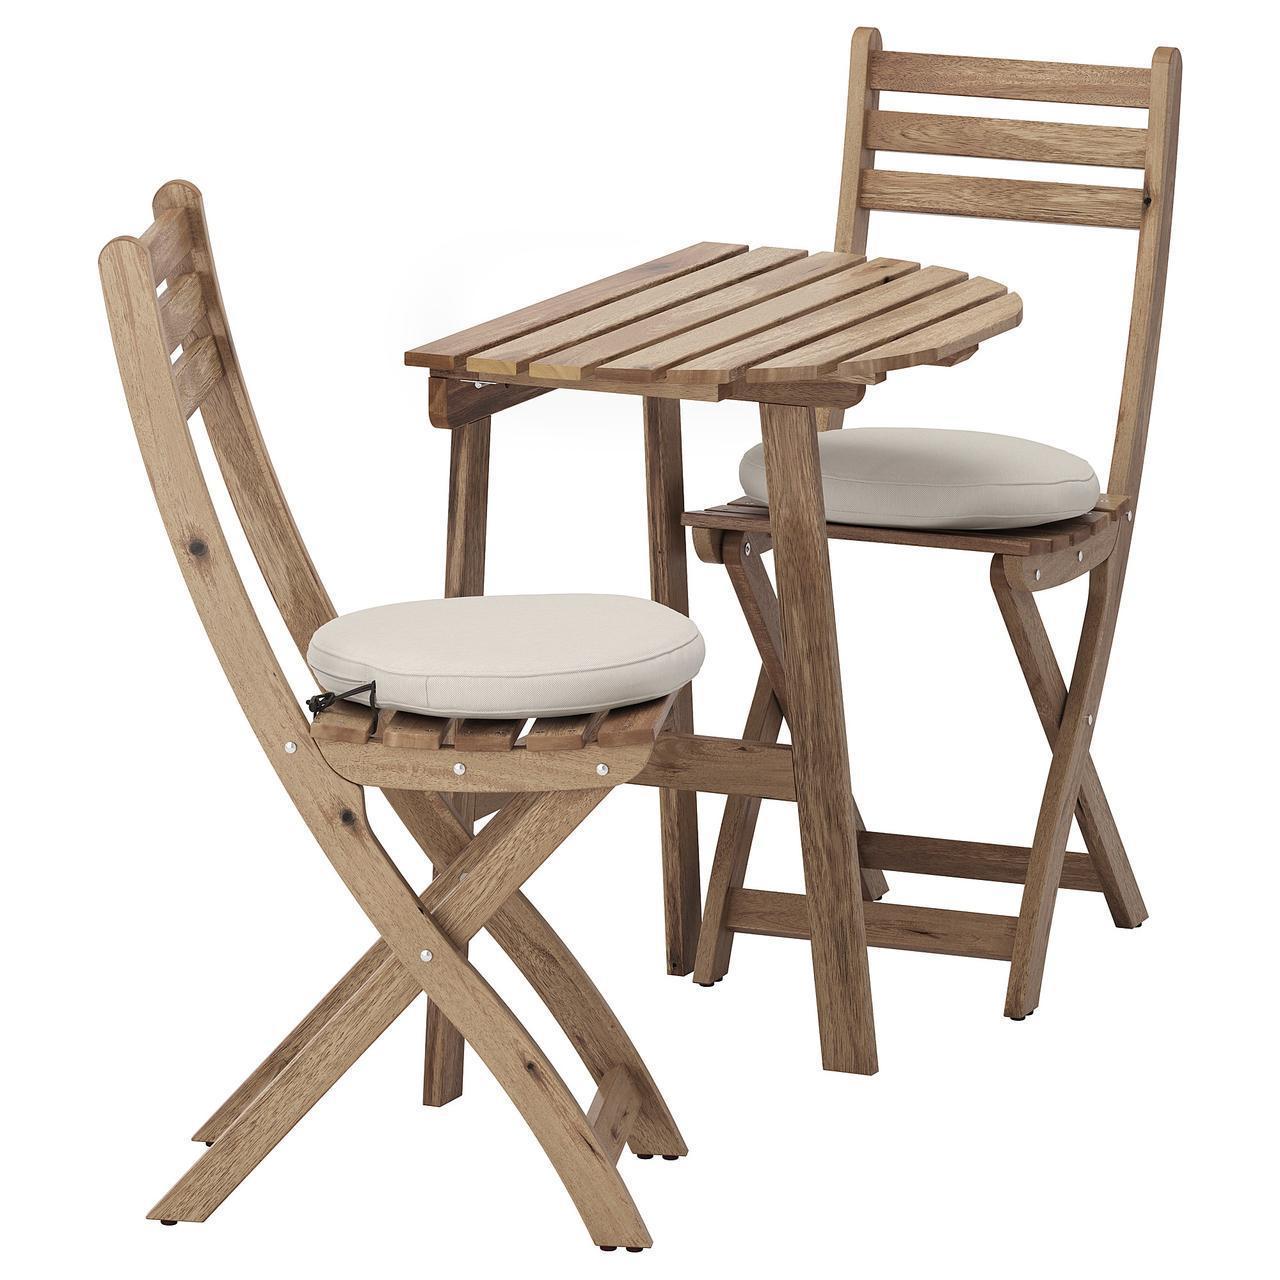 IKEA ASKHOLMEN Садовый стол и 2 раскладных стула, серо-коричневая морилка, (792.623.05)